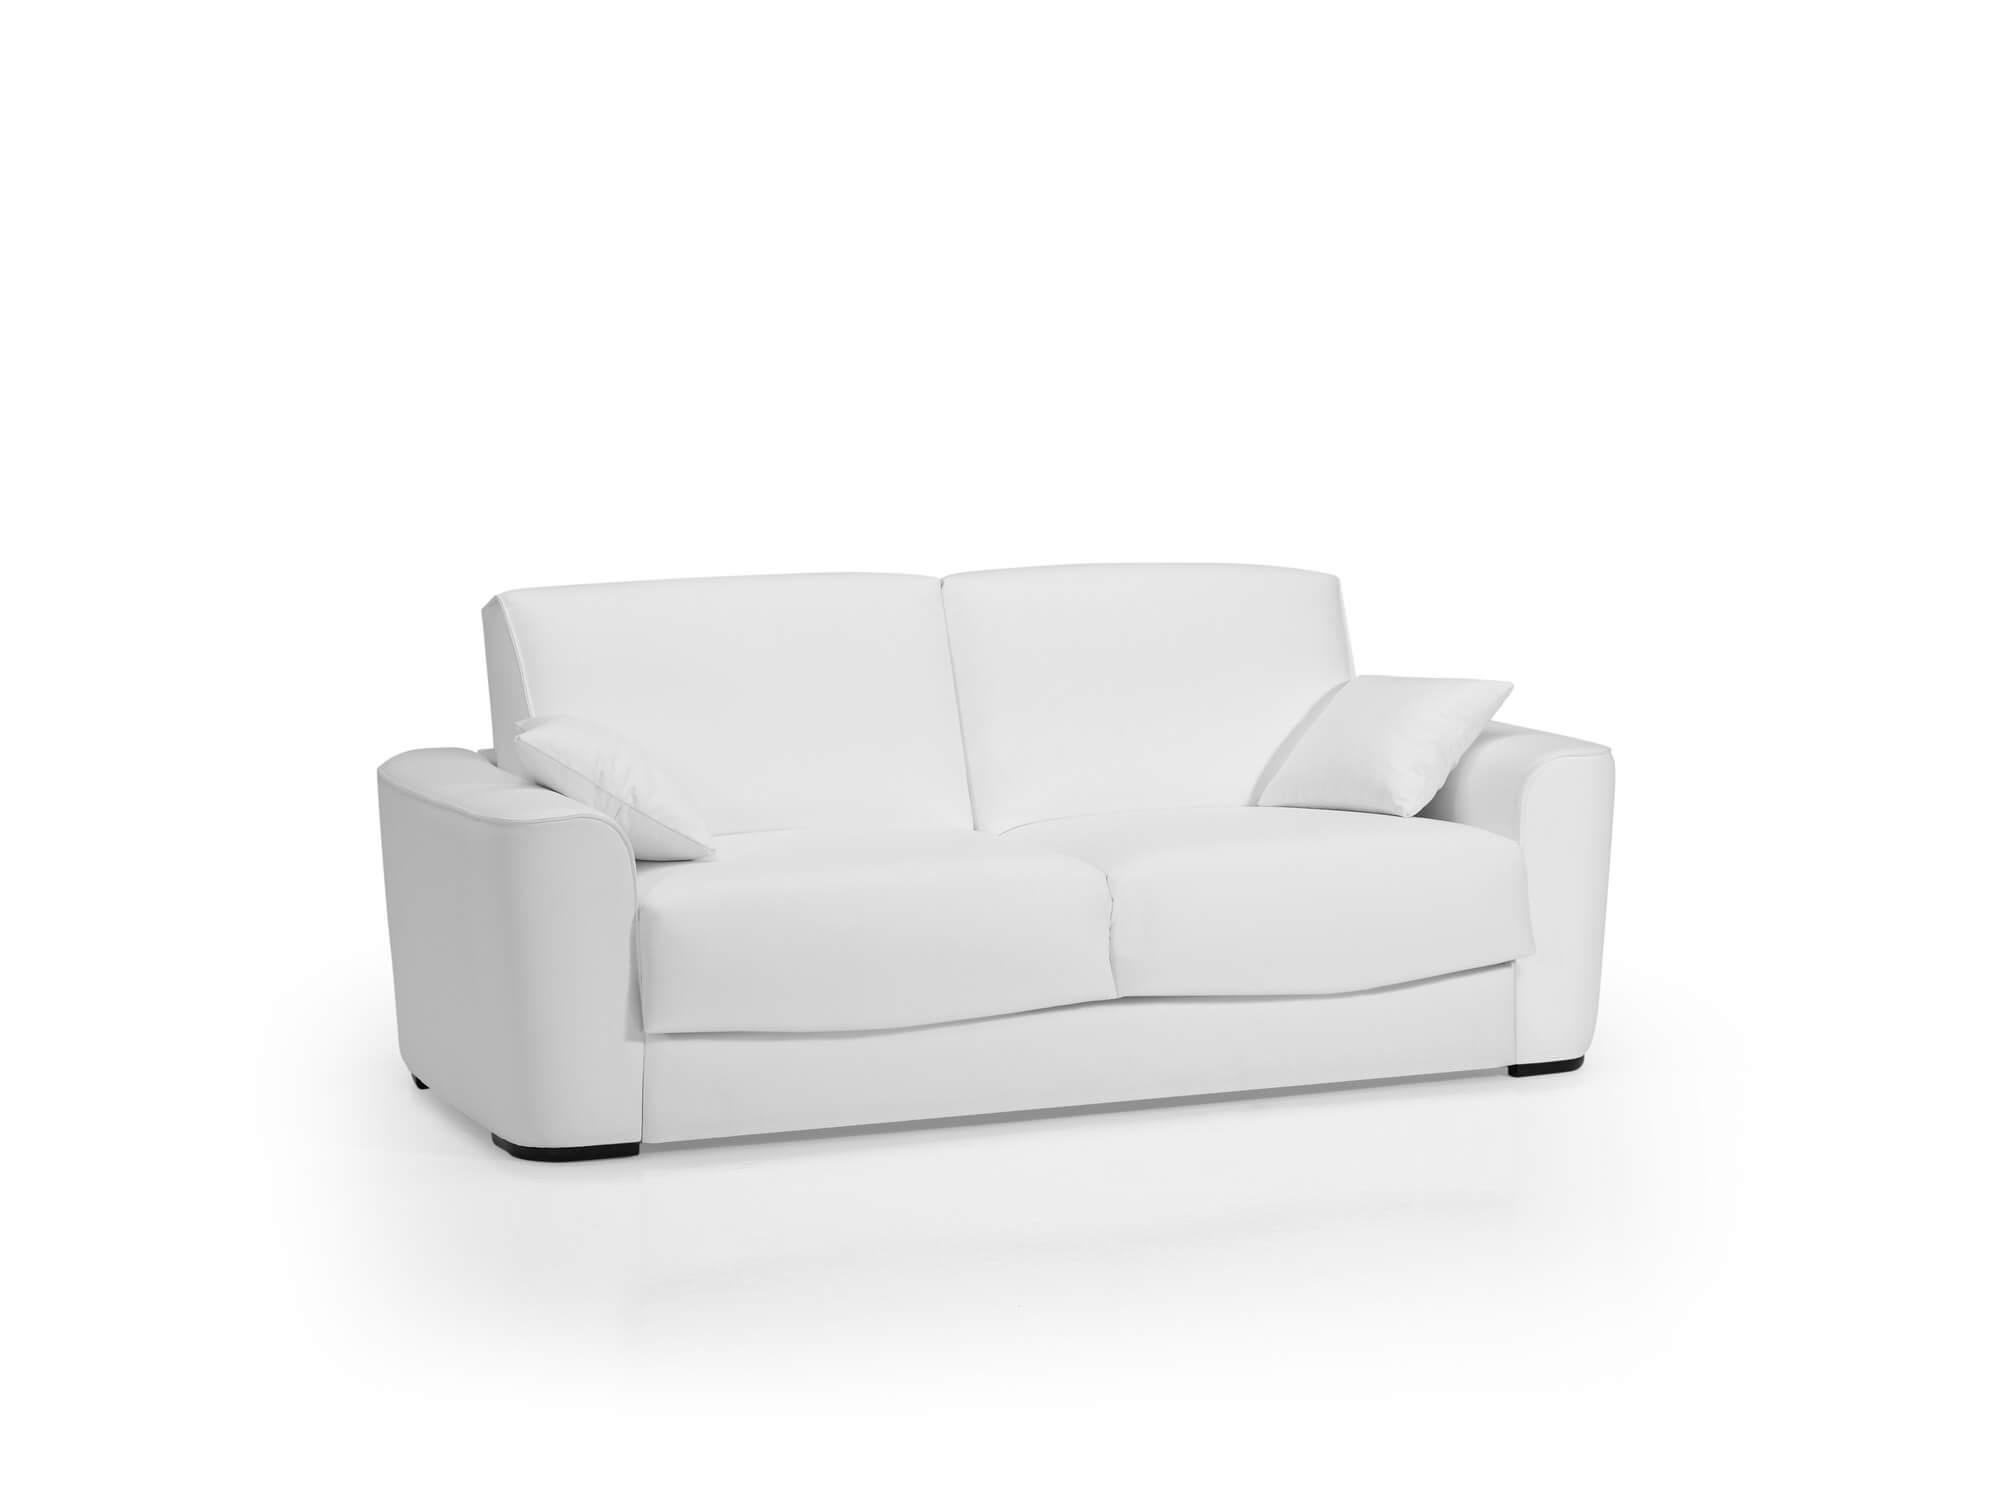 Comprar sof cama una plaza sistema doble cara la mesa for Sofa cama una plaza precios